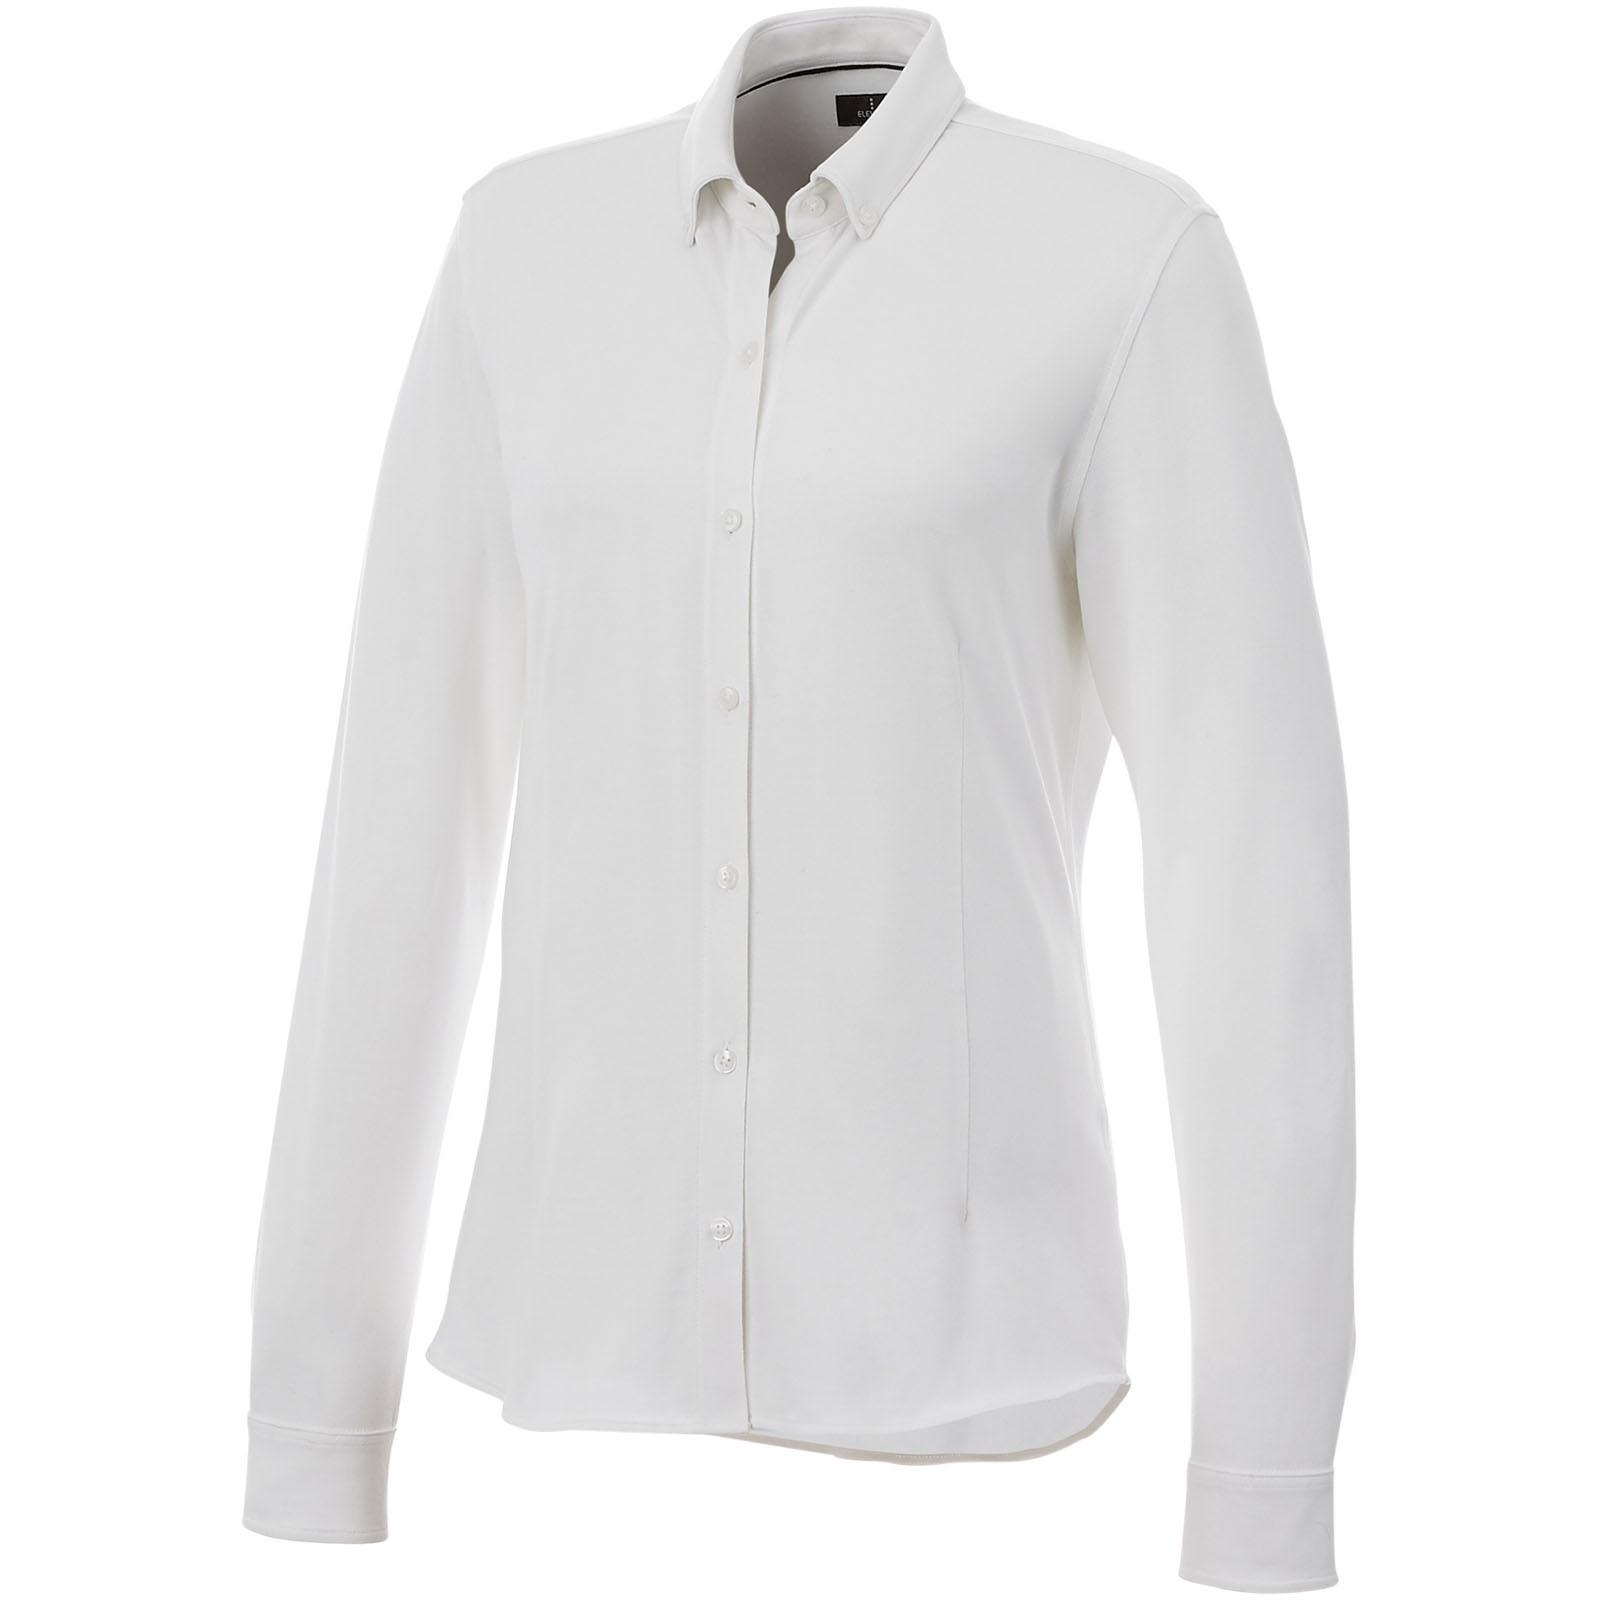 Dámská košile Bigelow s dlouhým rukávem - Bílá / XS